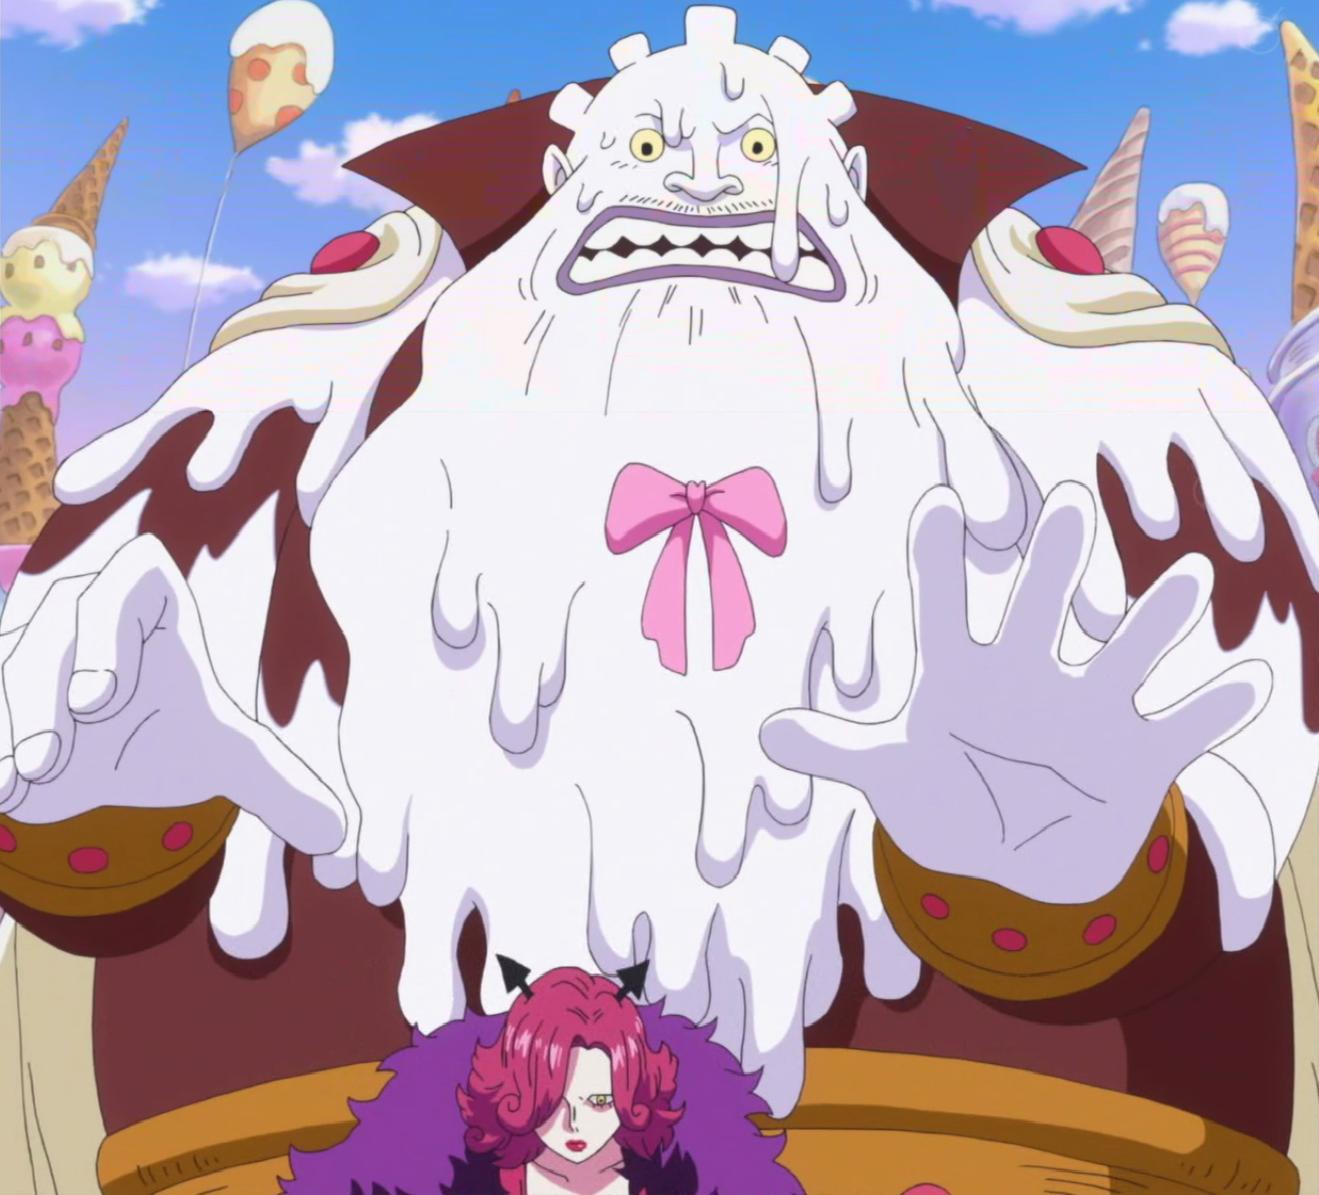 Charlotte Opera | One Piece Wiki | FANDOM powered by Wikia